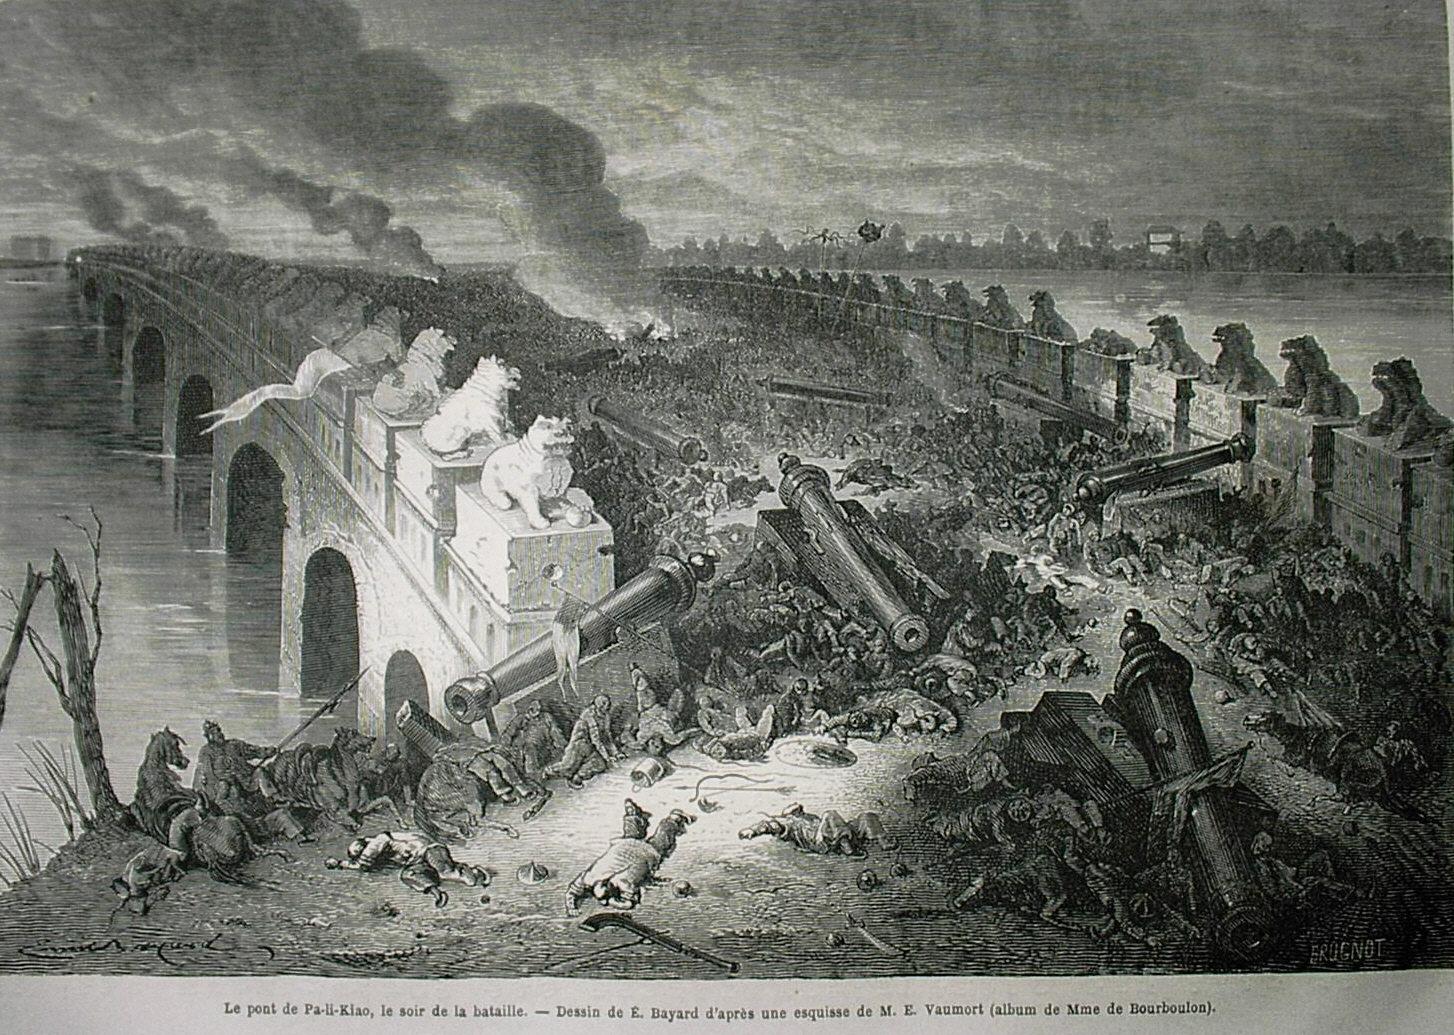 After Second Opium War